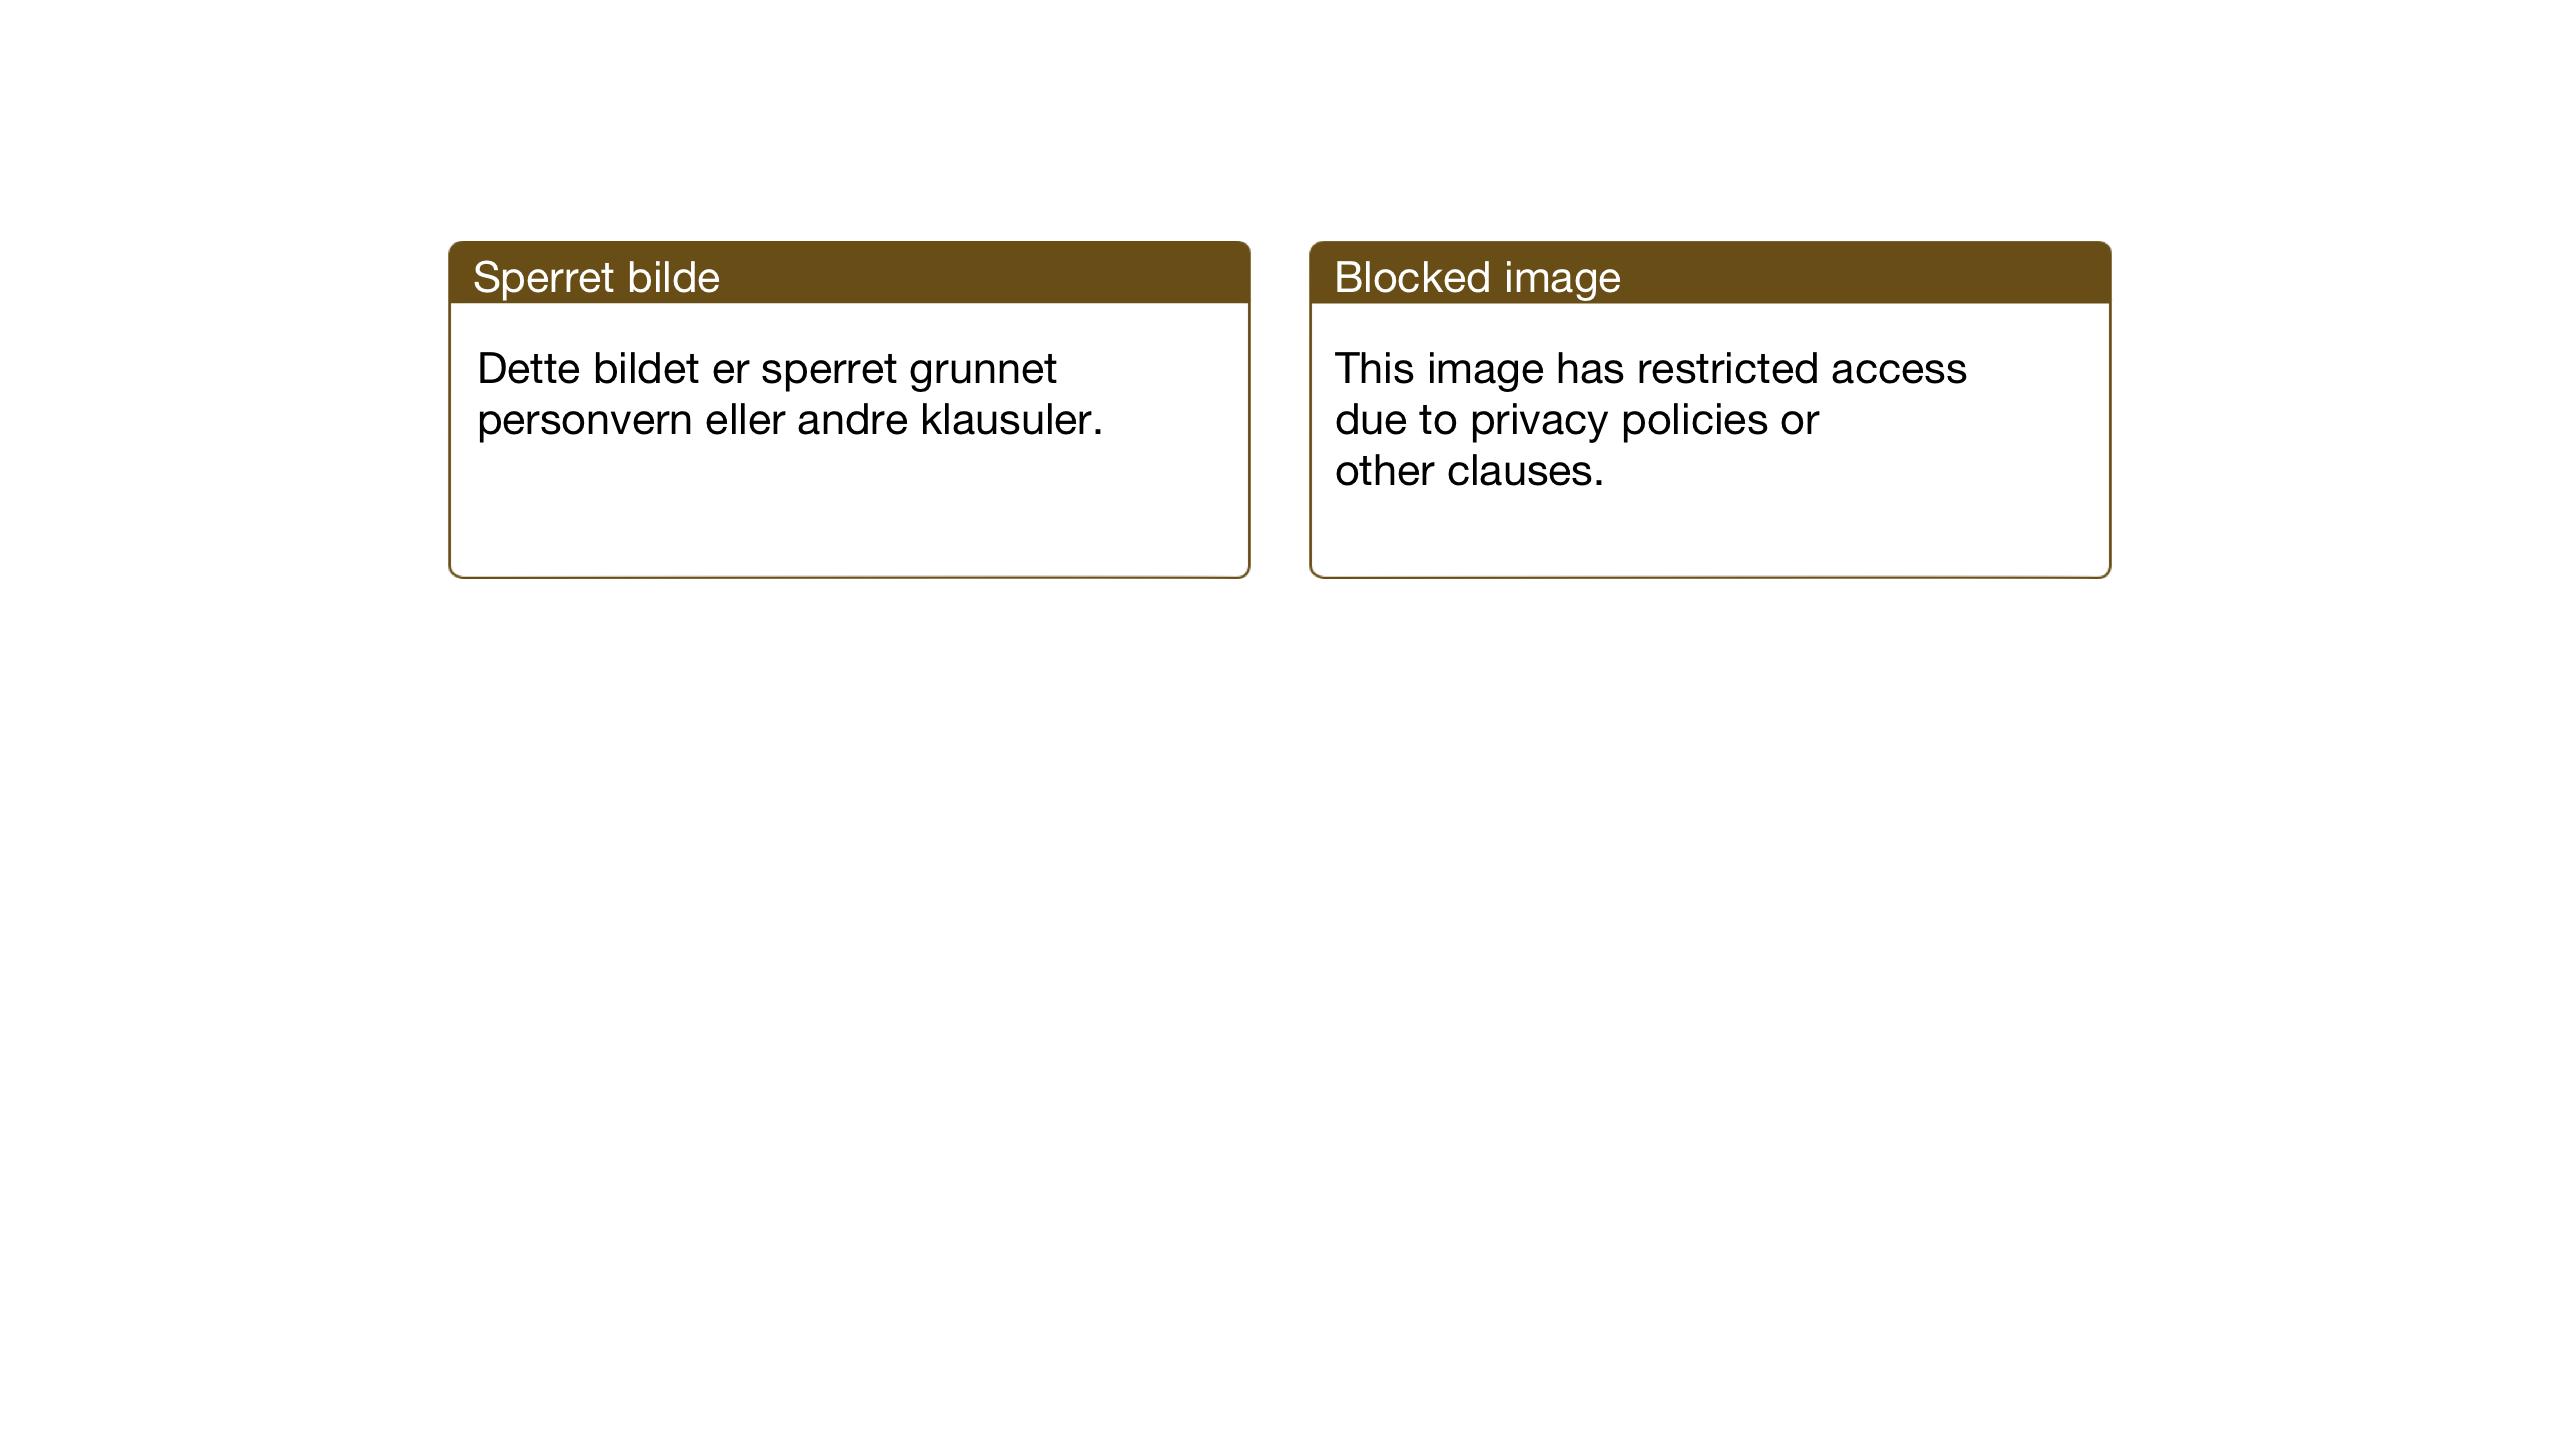 SAT, Ministerialprotokoller, klokkerbøker og fødselsregistre - Sør-Trøndelag, 662/L0758: Klokkerbok nr. 662C03, 1918-1948, s. 280